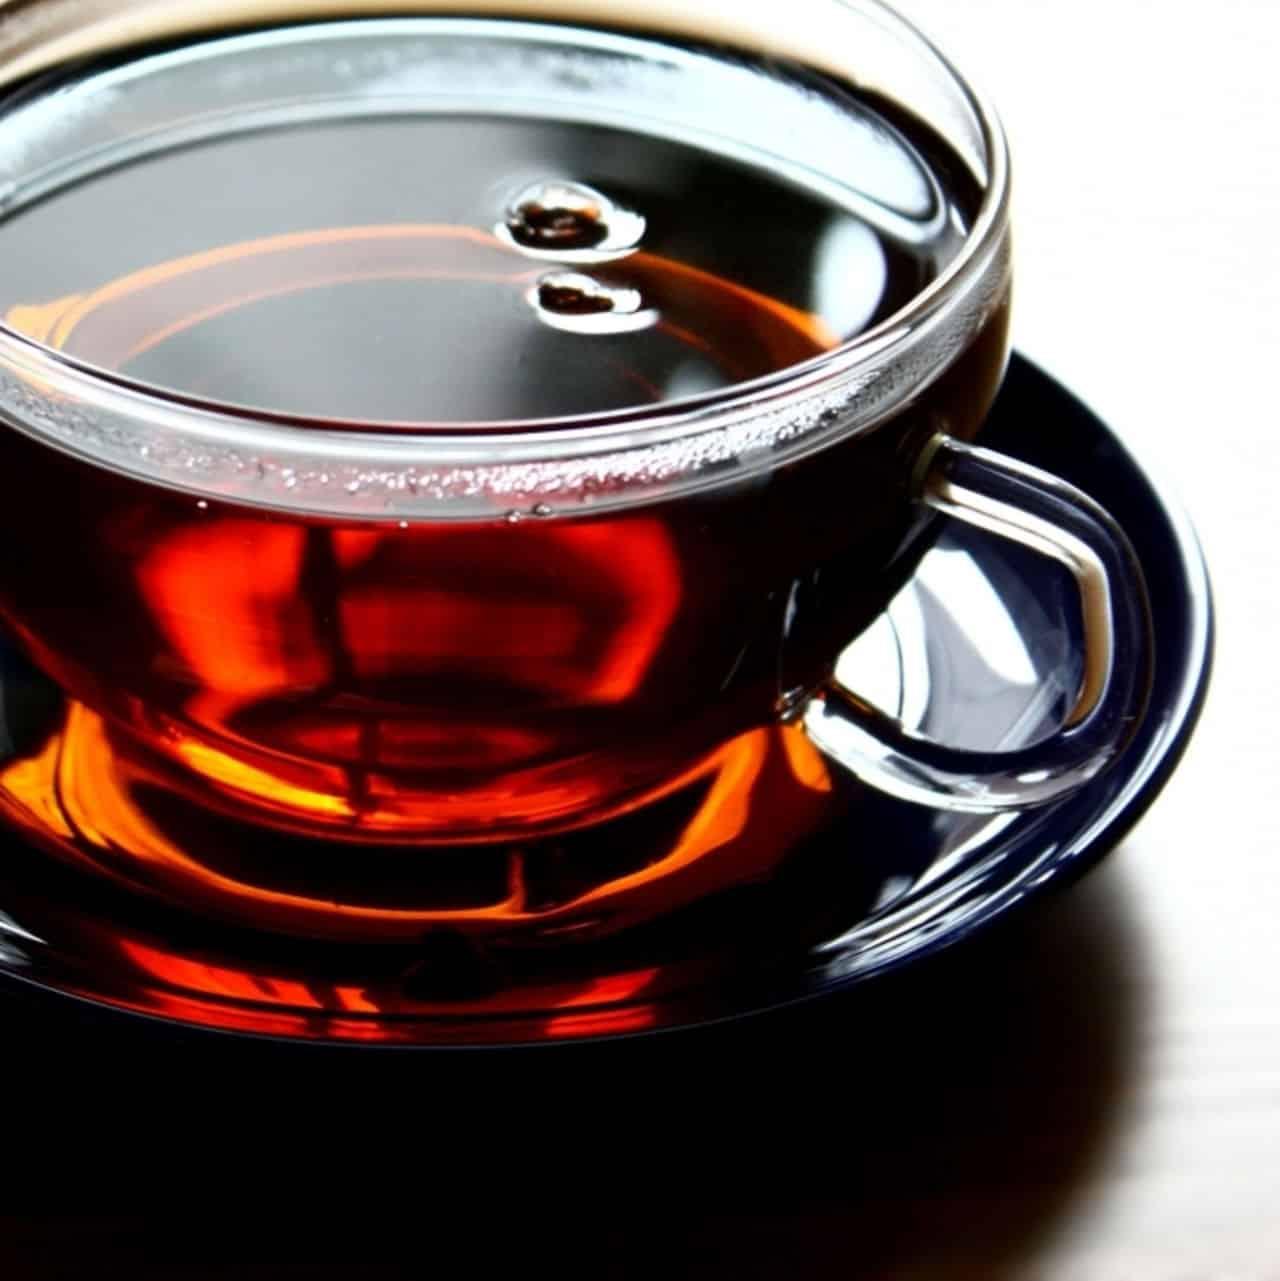 Крепкий черный чай | Чем разбавить тушь для ресниц в домашних условиях